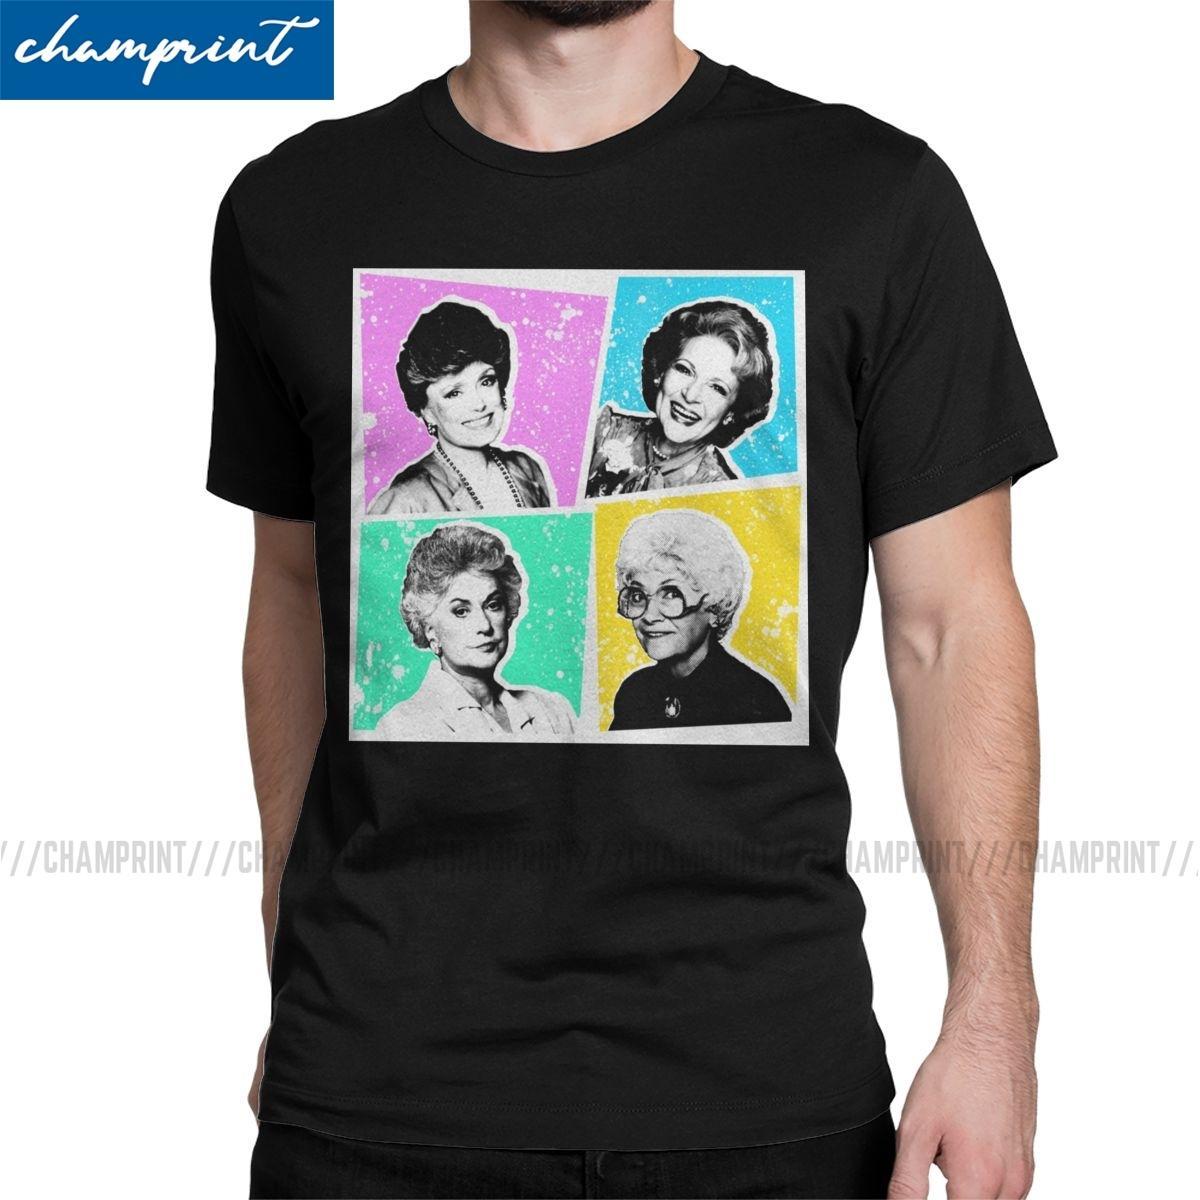 Komik Altın Kızlar POP Tişört Erkekler Ç Boyun Saf Pamuk T Shirt Dorothy 80s Arkadaş TV Kısa Kollu Tee Shirt Baskı Giyim